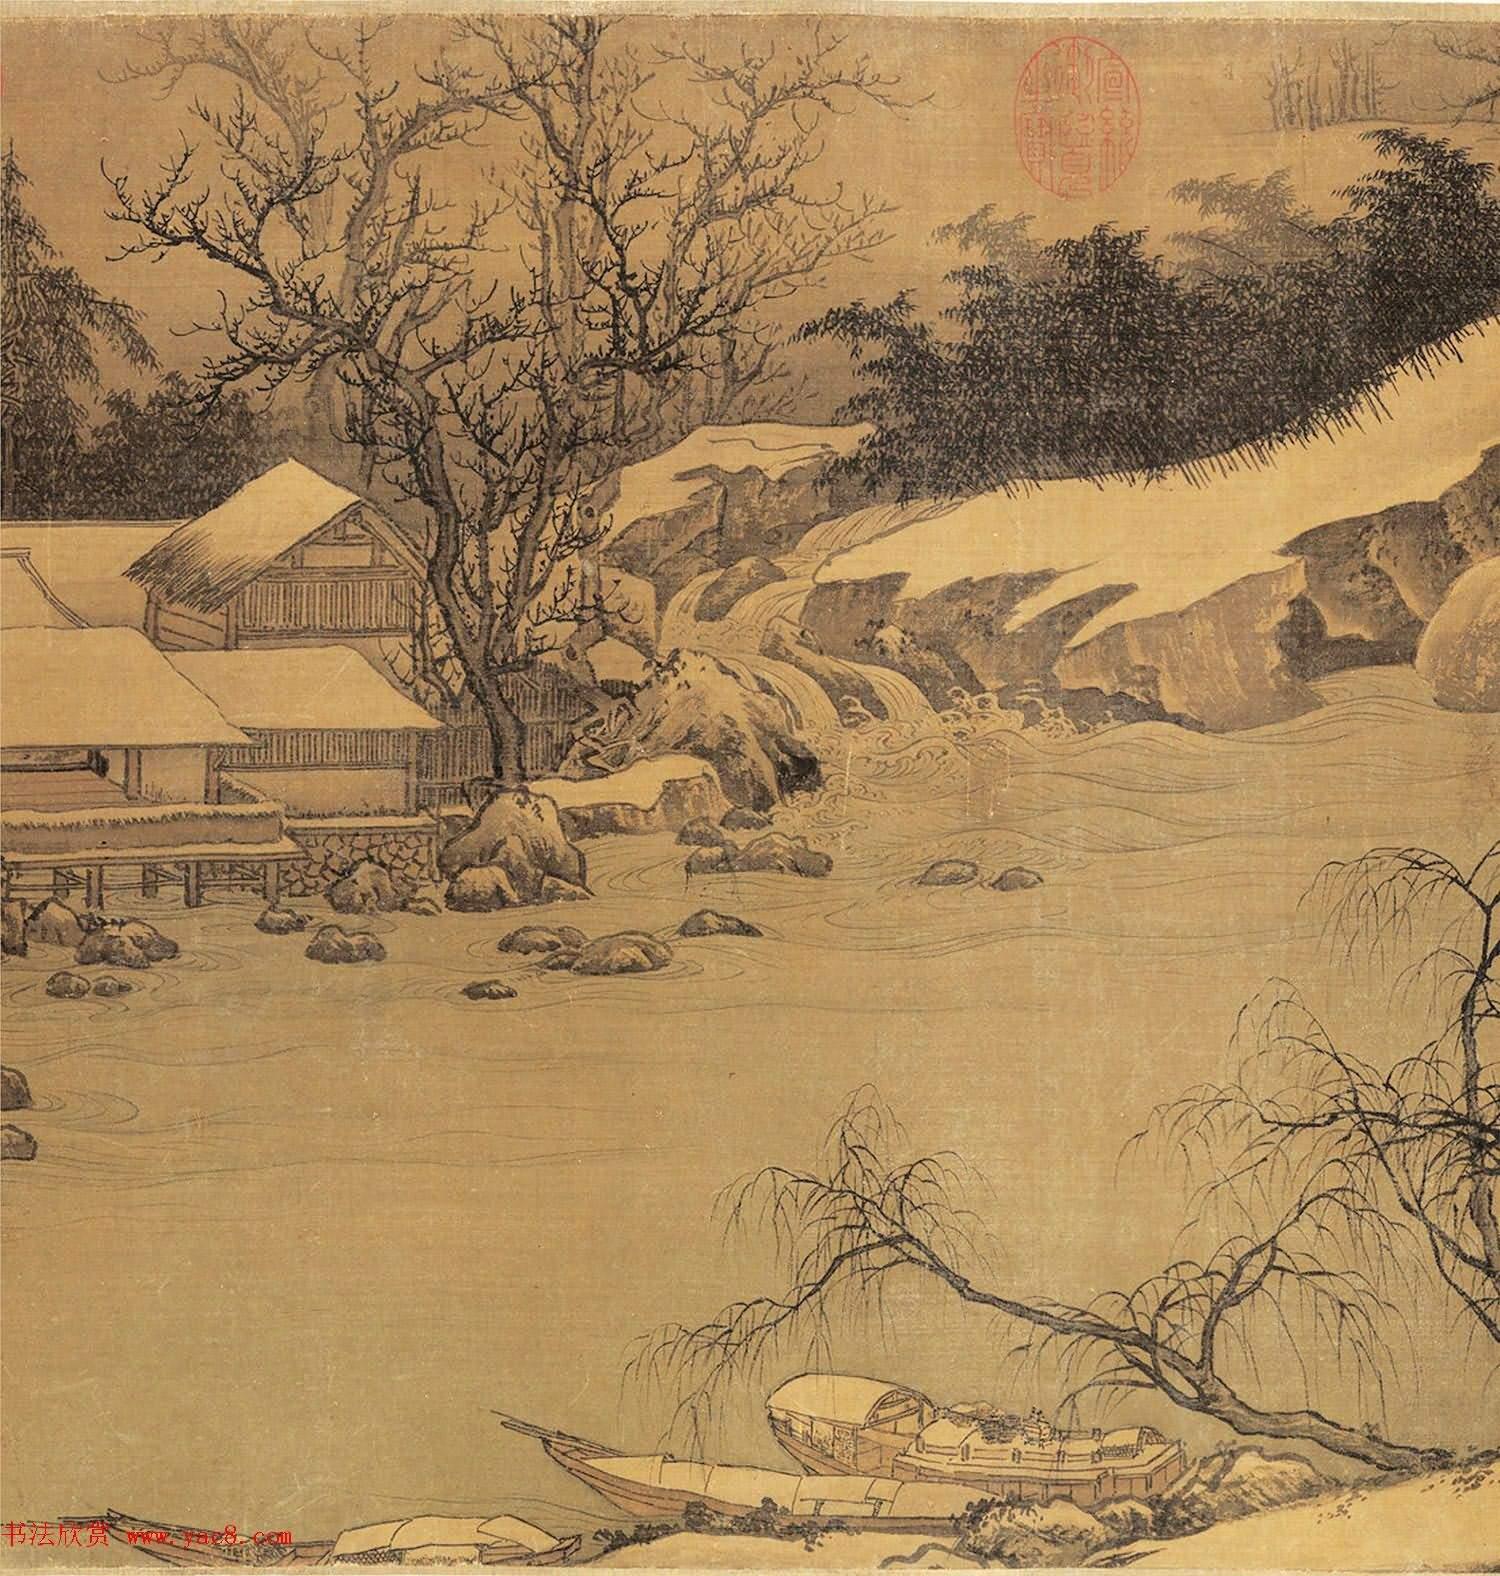 北宋高克明山水畫《雪意圖》附書法題跋